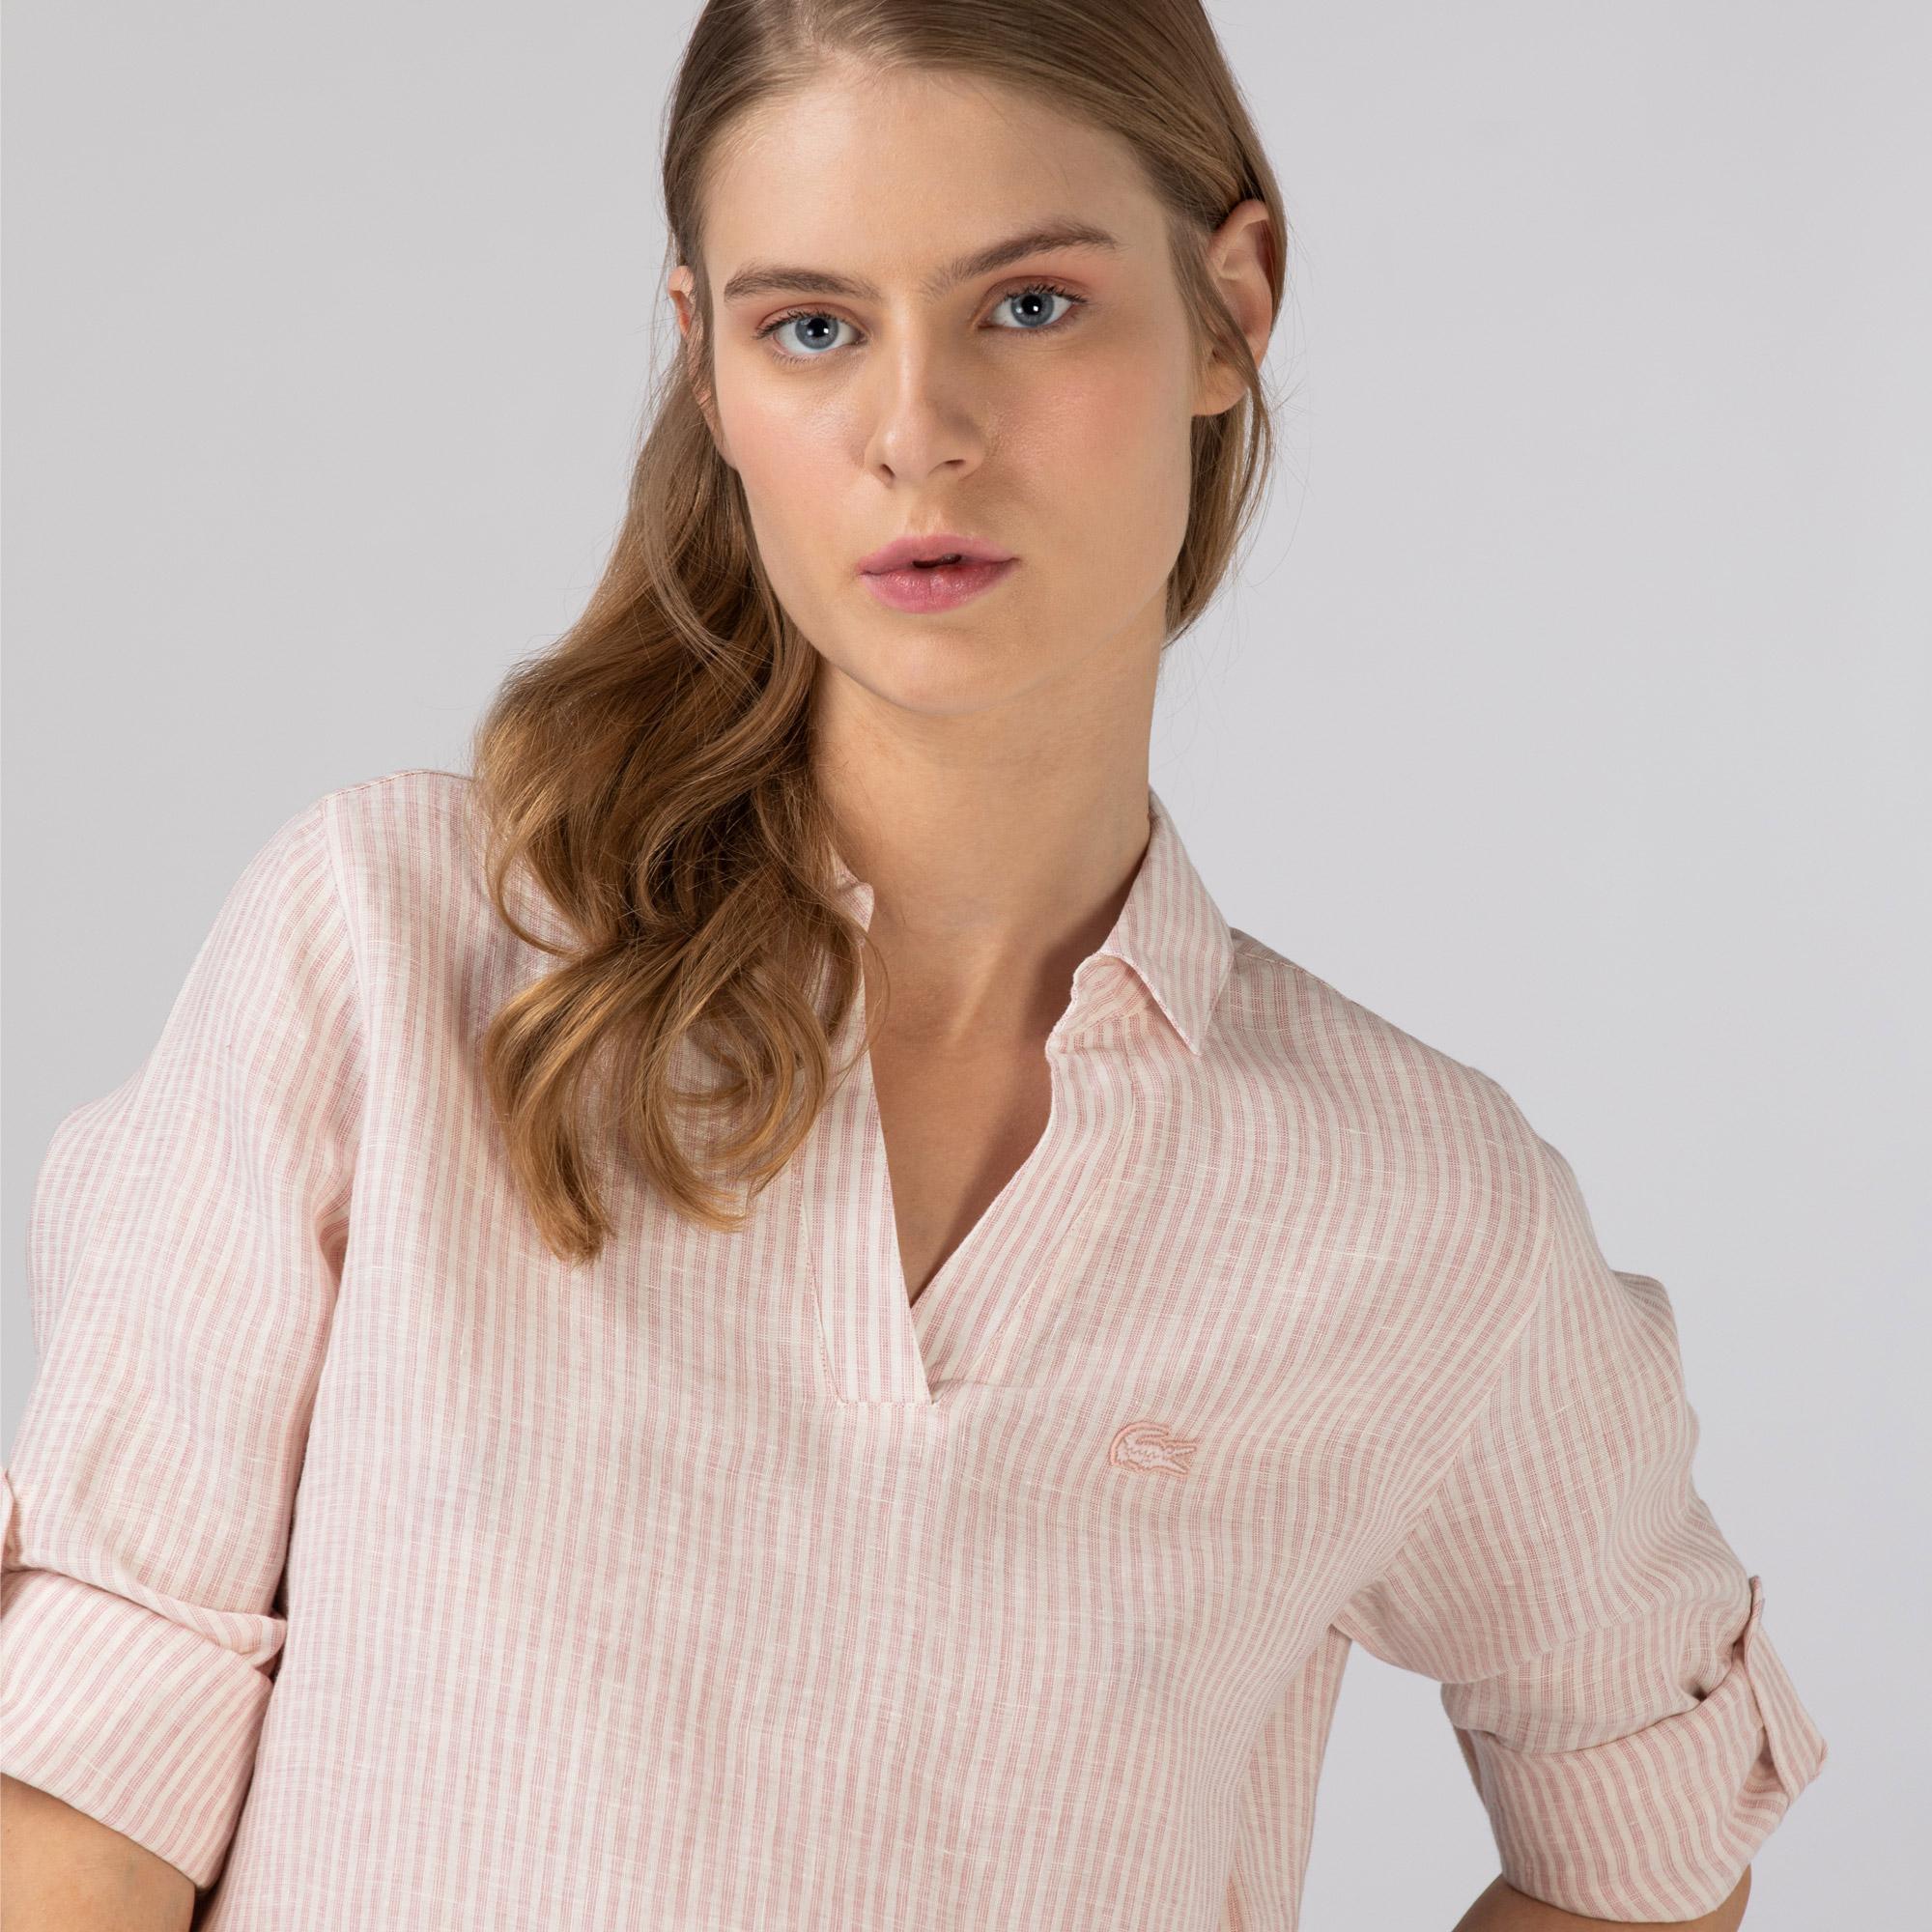 Lacoste Kadın Keten Çizgili Pembe Gömlek